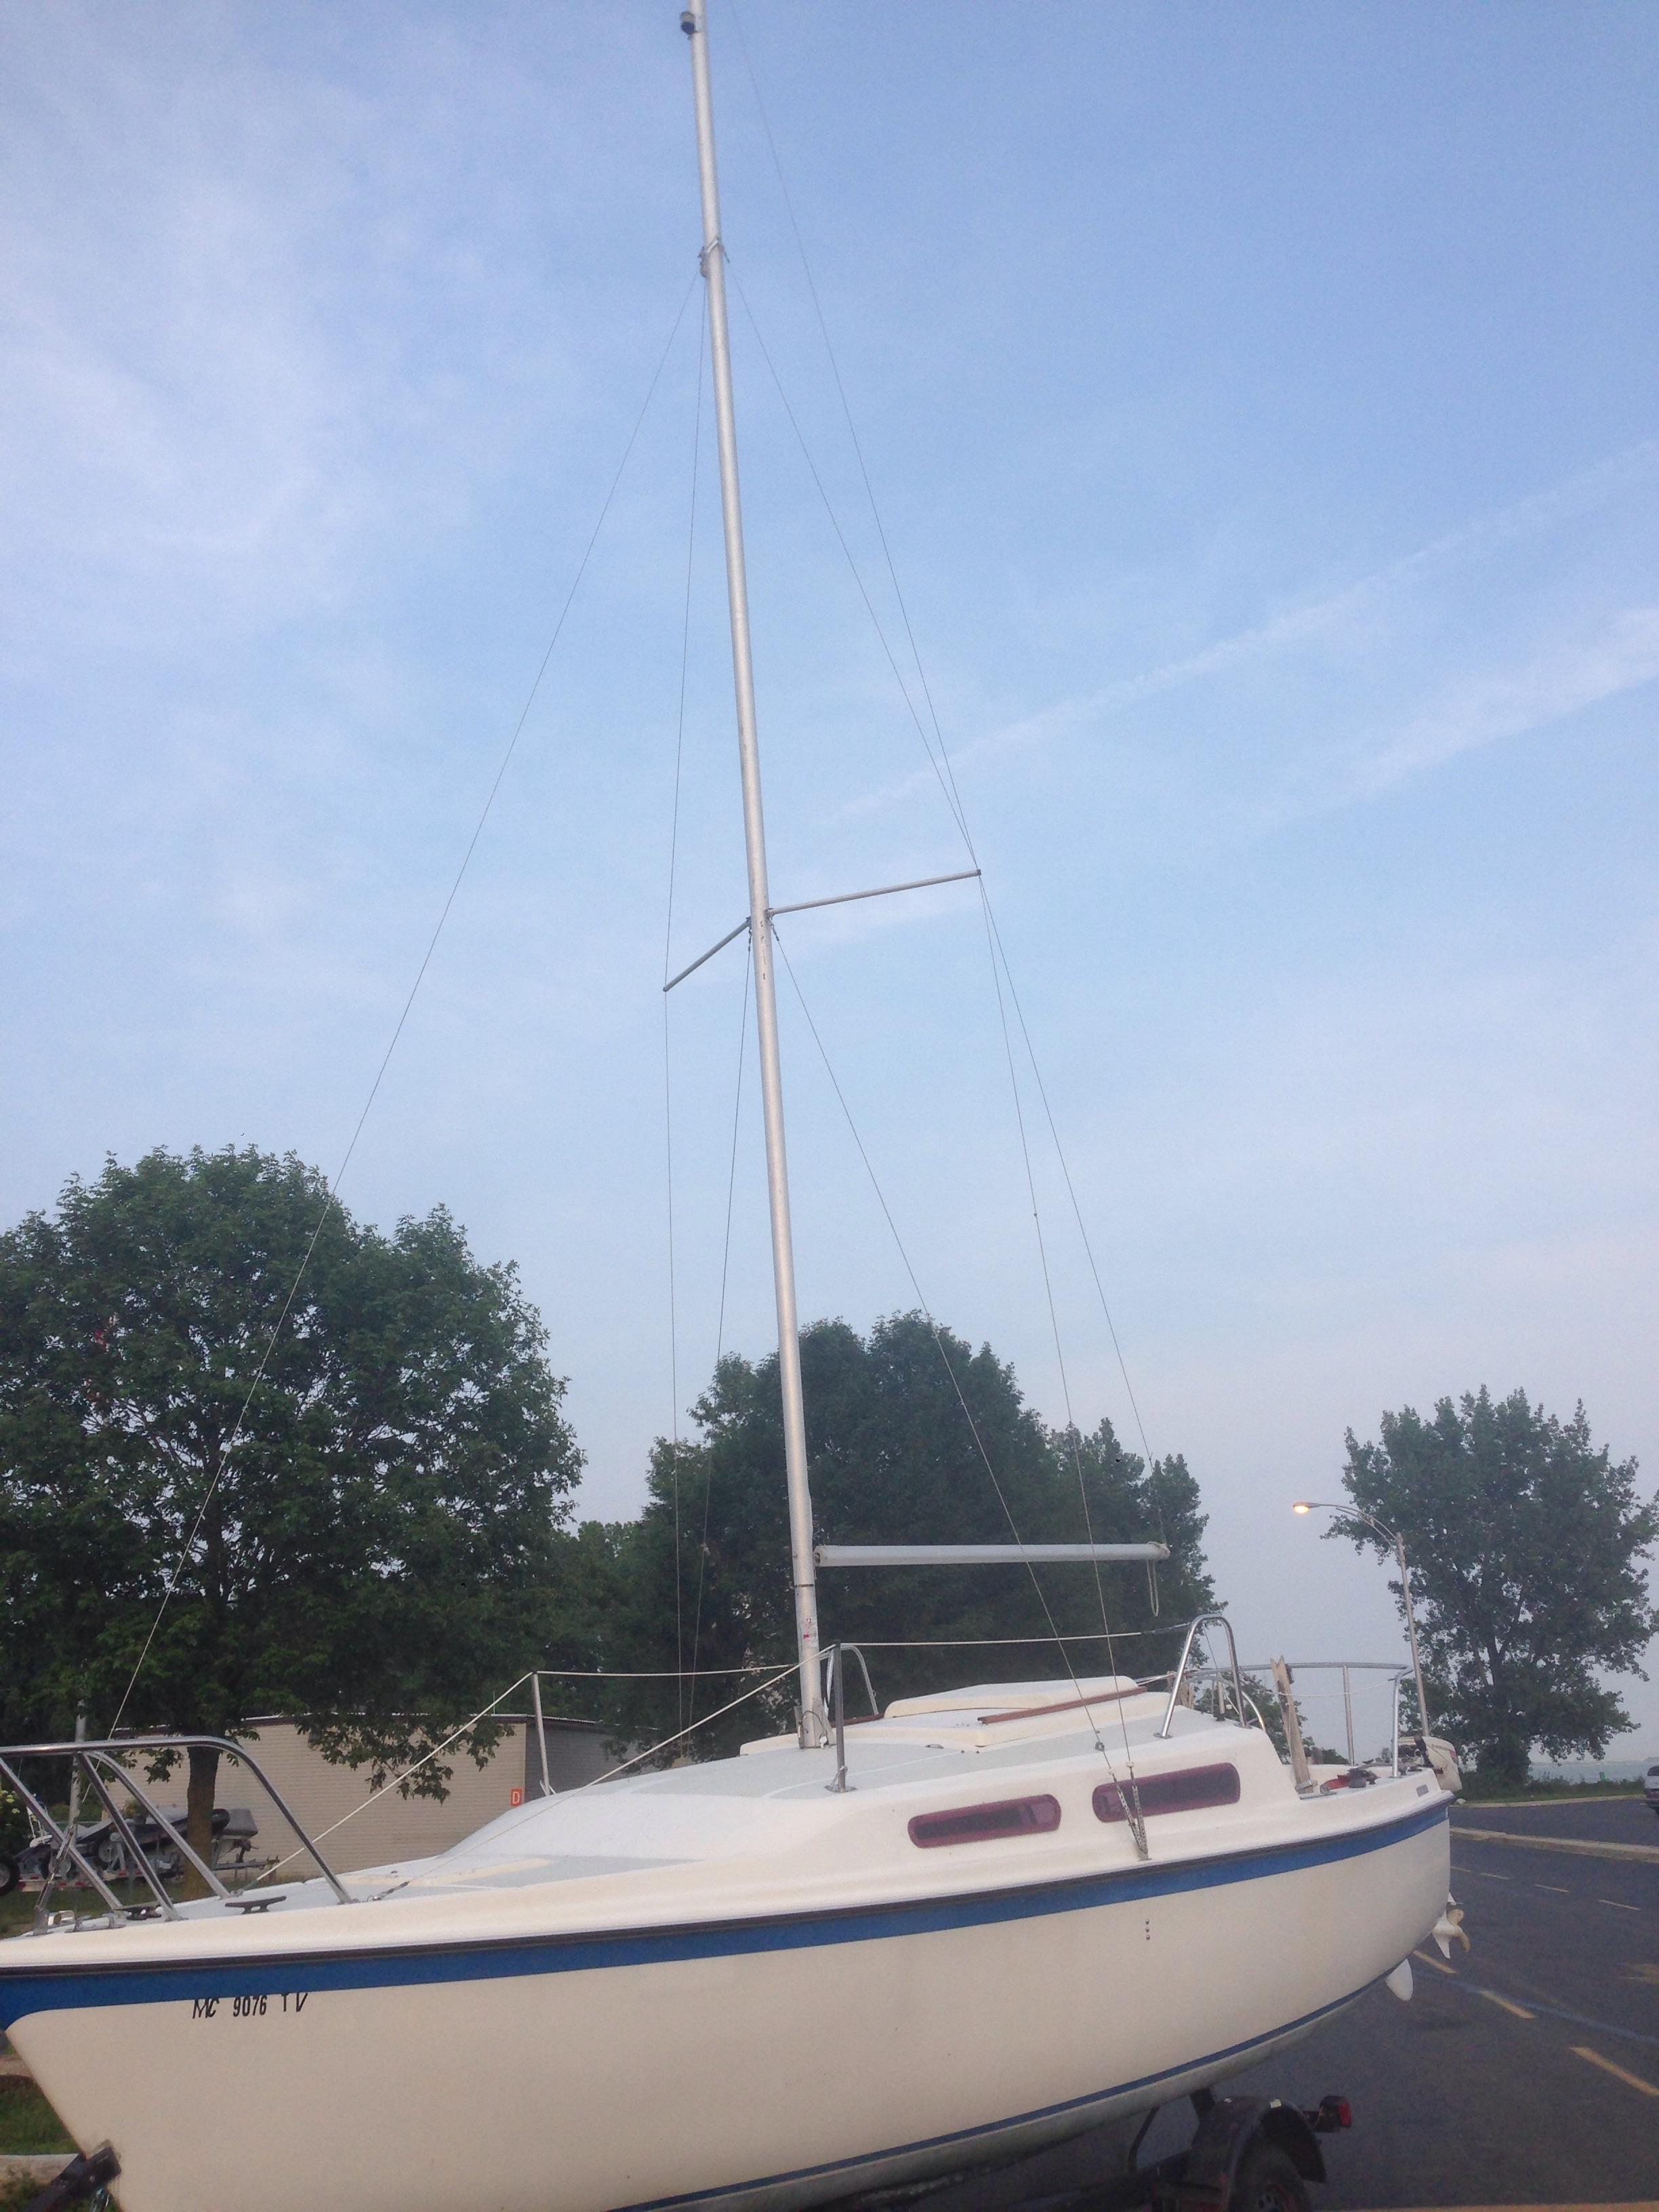 Notalotayacht | Restoring a 1985 MacGregor 25 on 1976 macgregor sailboat, venture newport sailboat, bobcat sailboat, tanzer 25 sailboat, watson 25 sailboat, freedom 21 sailboat, catalina 22 sailboat, ericson 32 sailboat, macgregor 21 sailboat, glen l 25 sailboat, m5 sailboat, macgregor 26x sailboat, santana 21 sailboat, morgan 30 sailboat, venture 24 sailboat, macgregor sailboat modifications, venture 21 sailboat, pdracer sailboat, macgregor 22 sailboat,